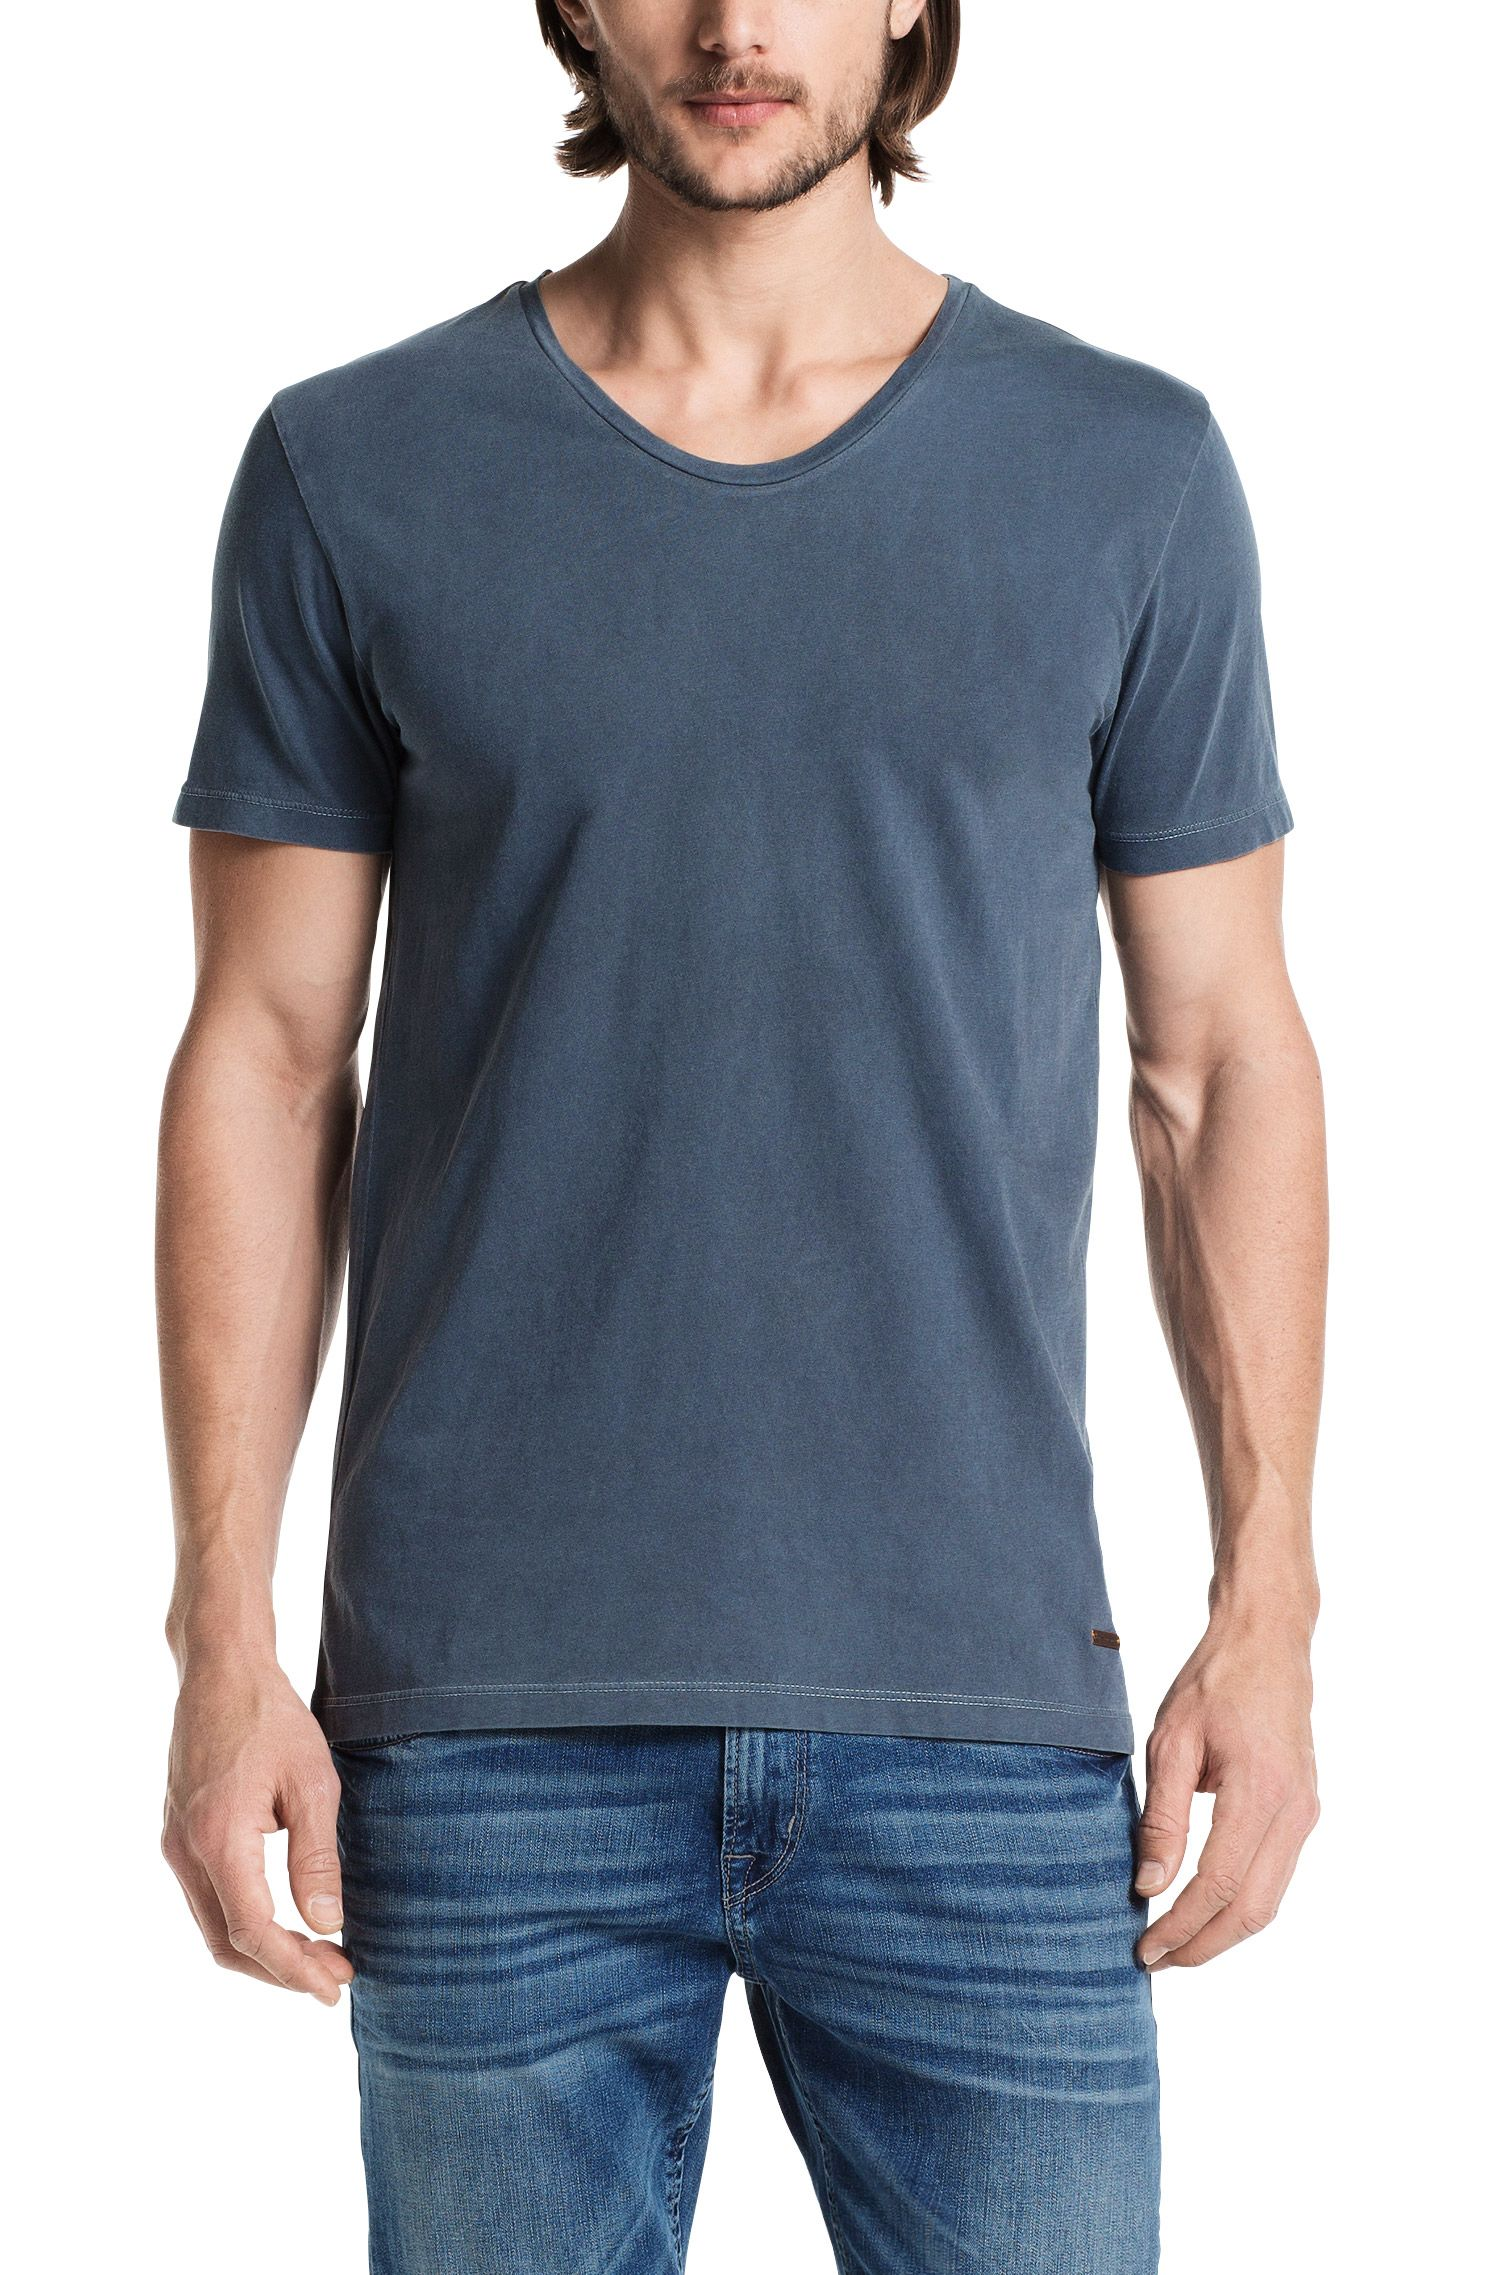 T-shirt 'Taxer' met ronde hals